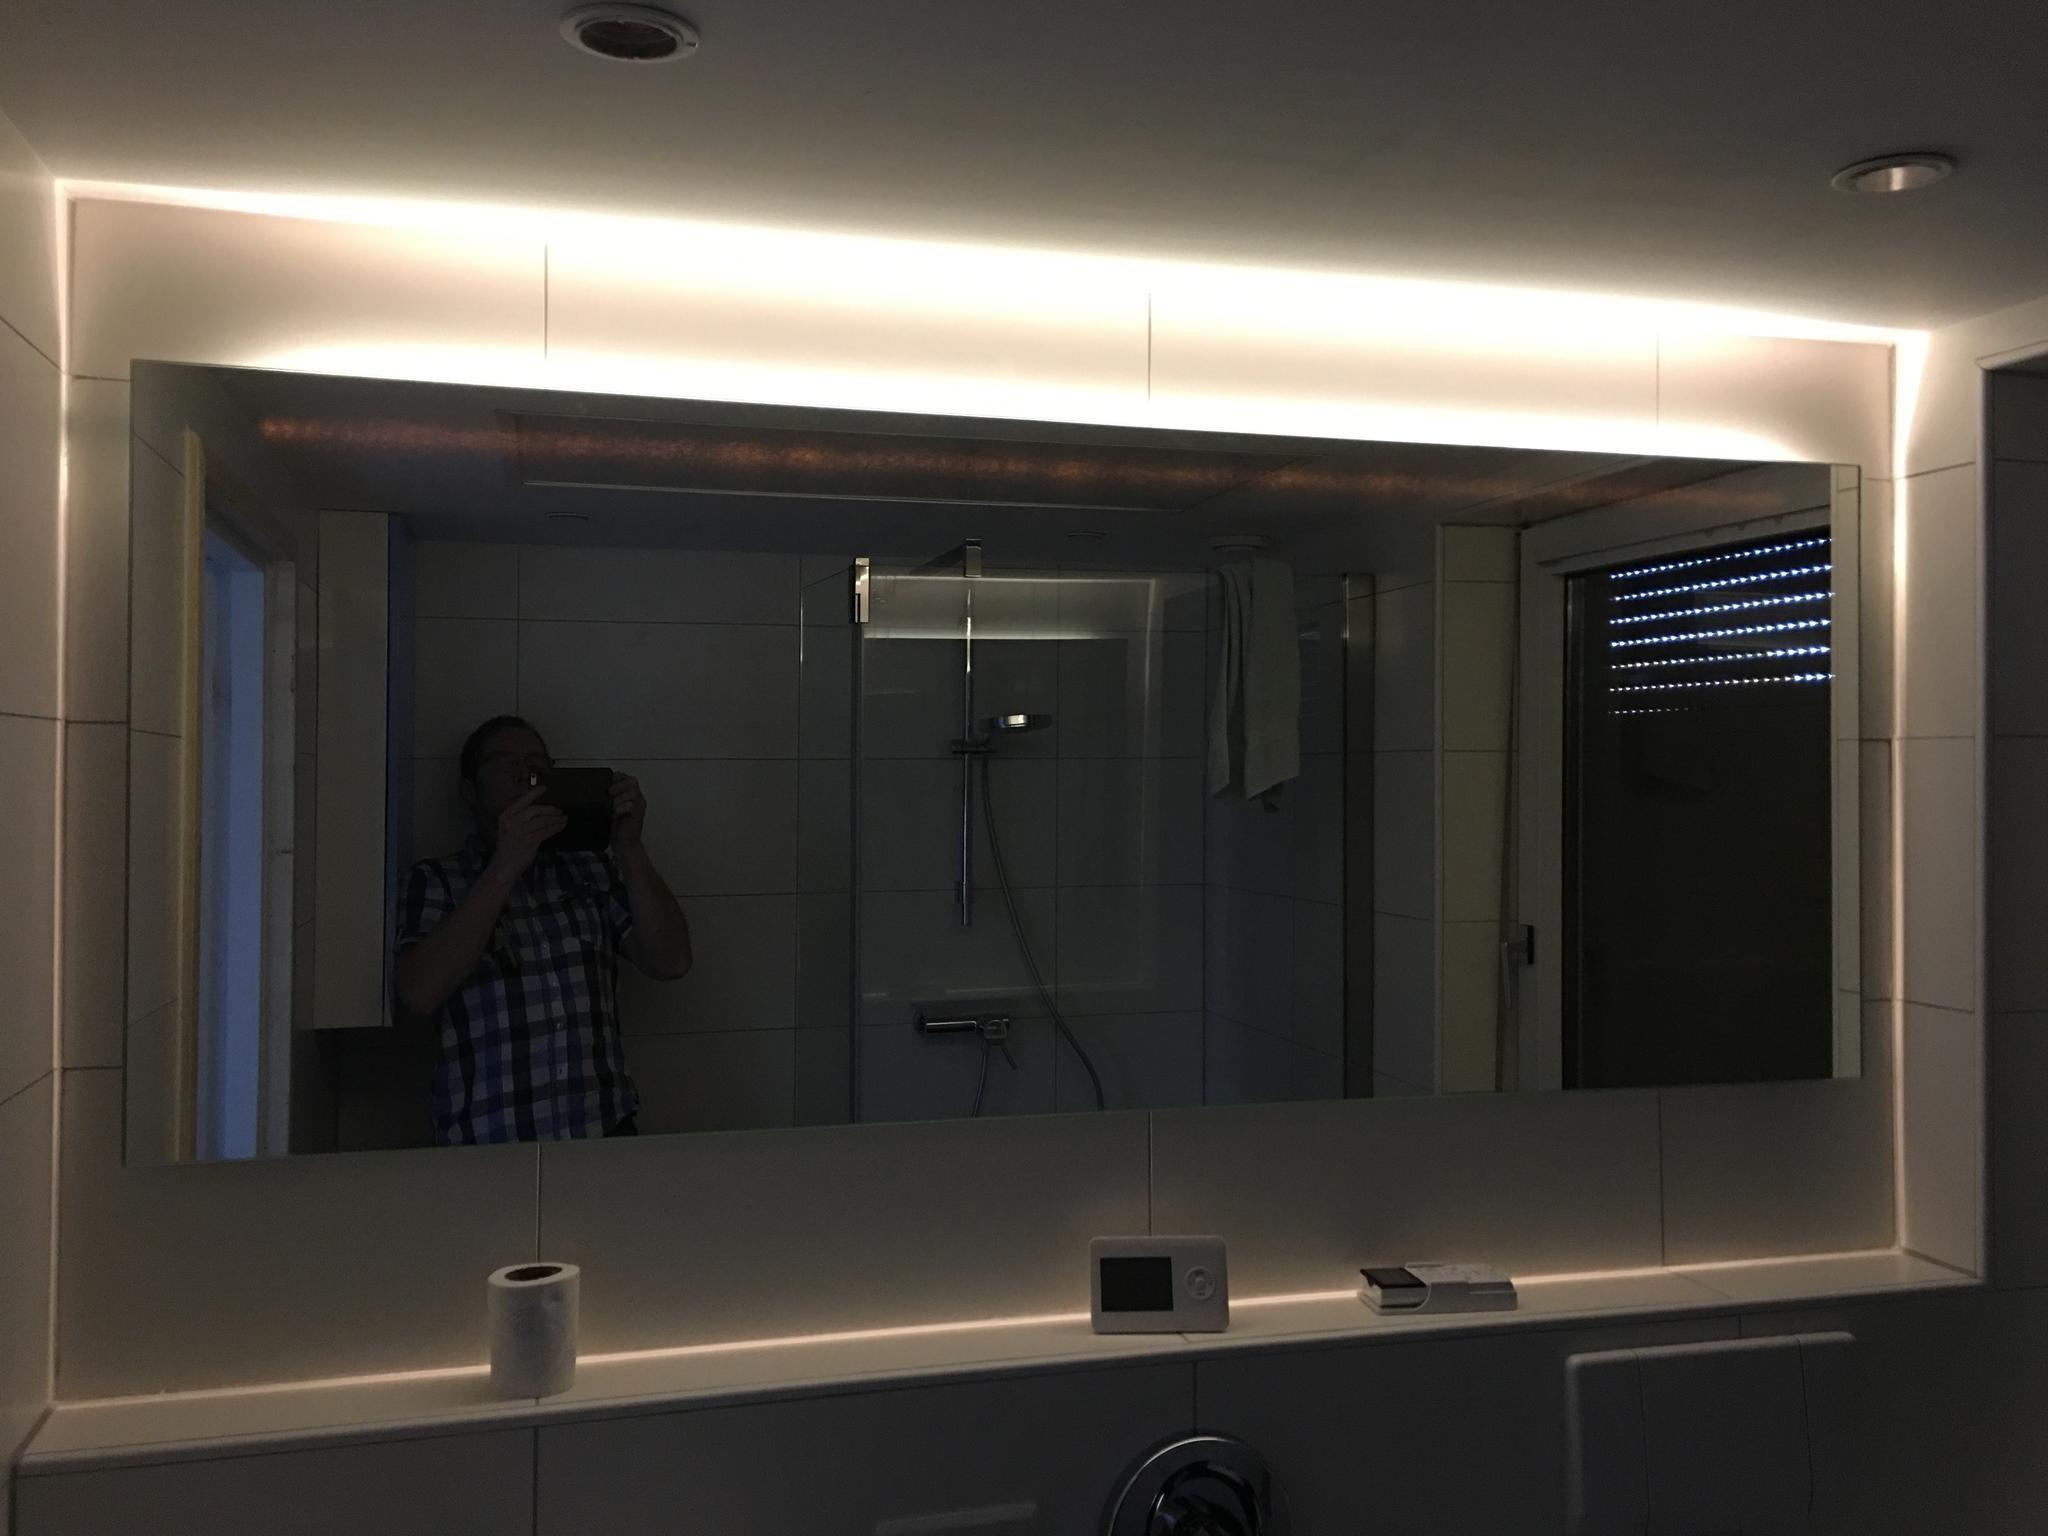 badkamerkastje onder wastafel ikea badkamerkast te koop